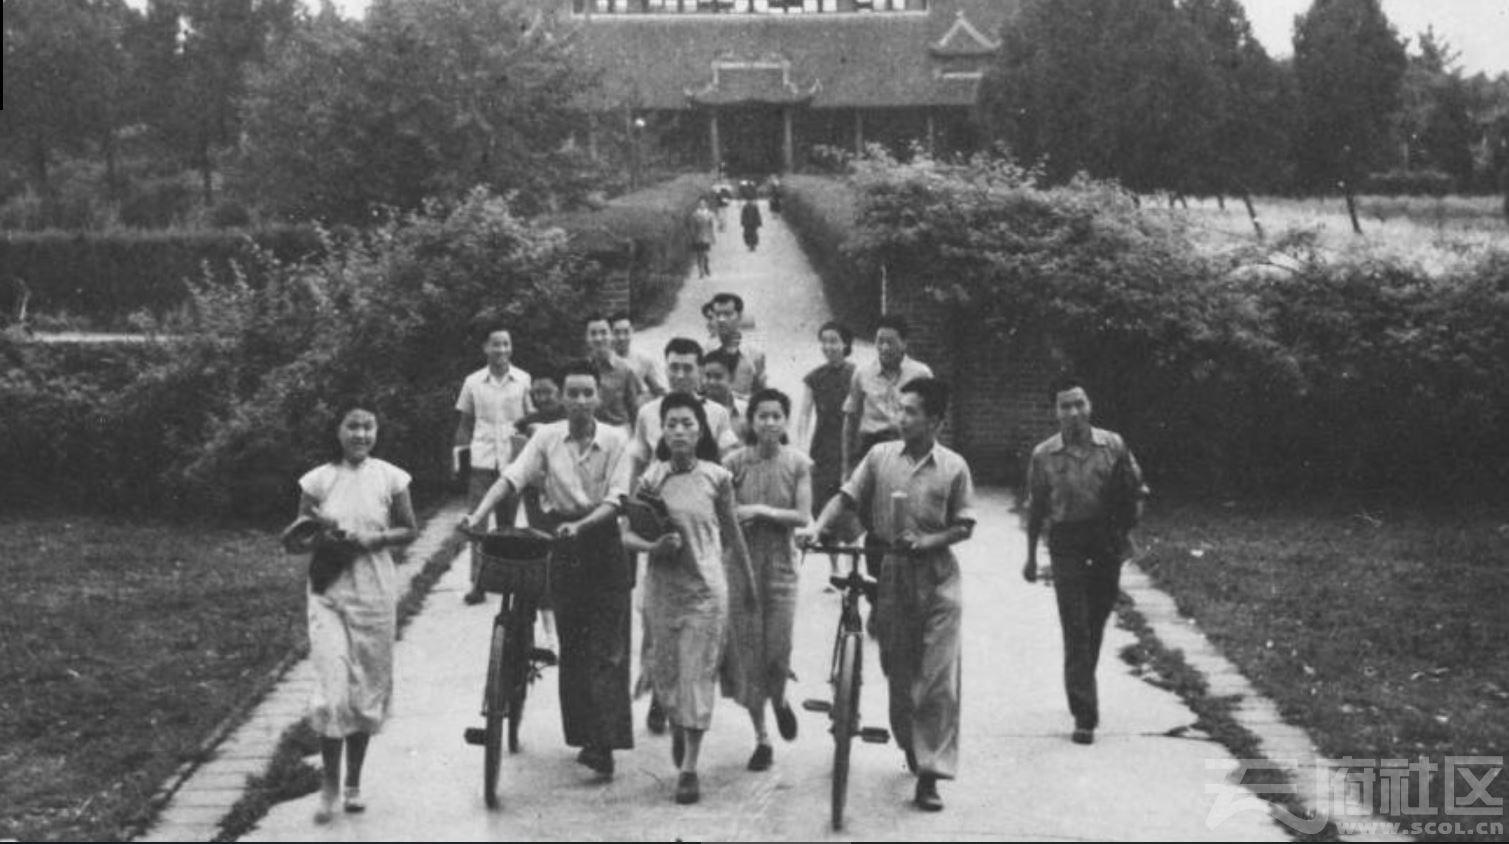 5 华西大学 办公楼前的学生们  ca.1943.JPG